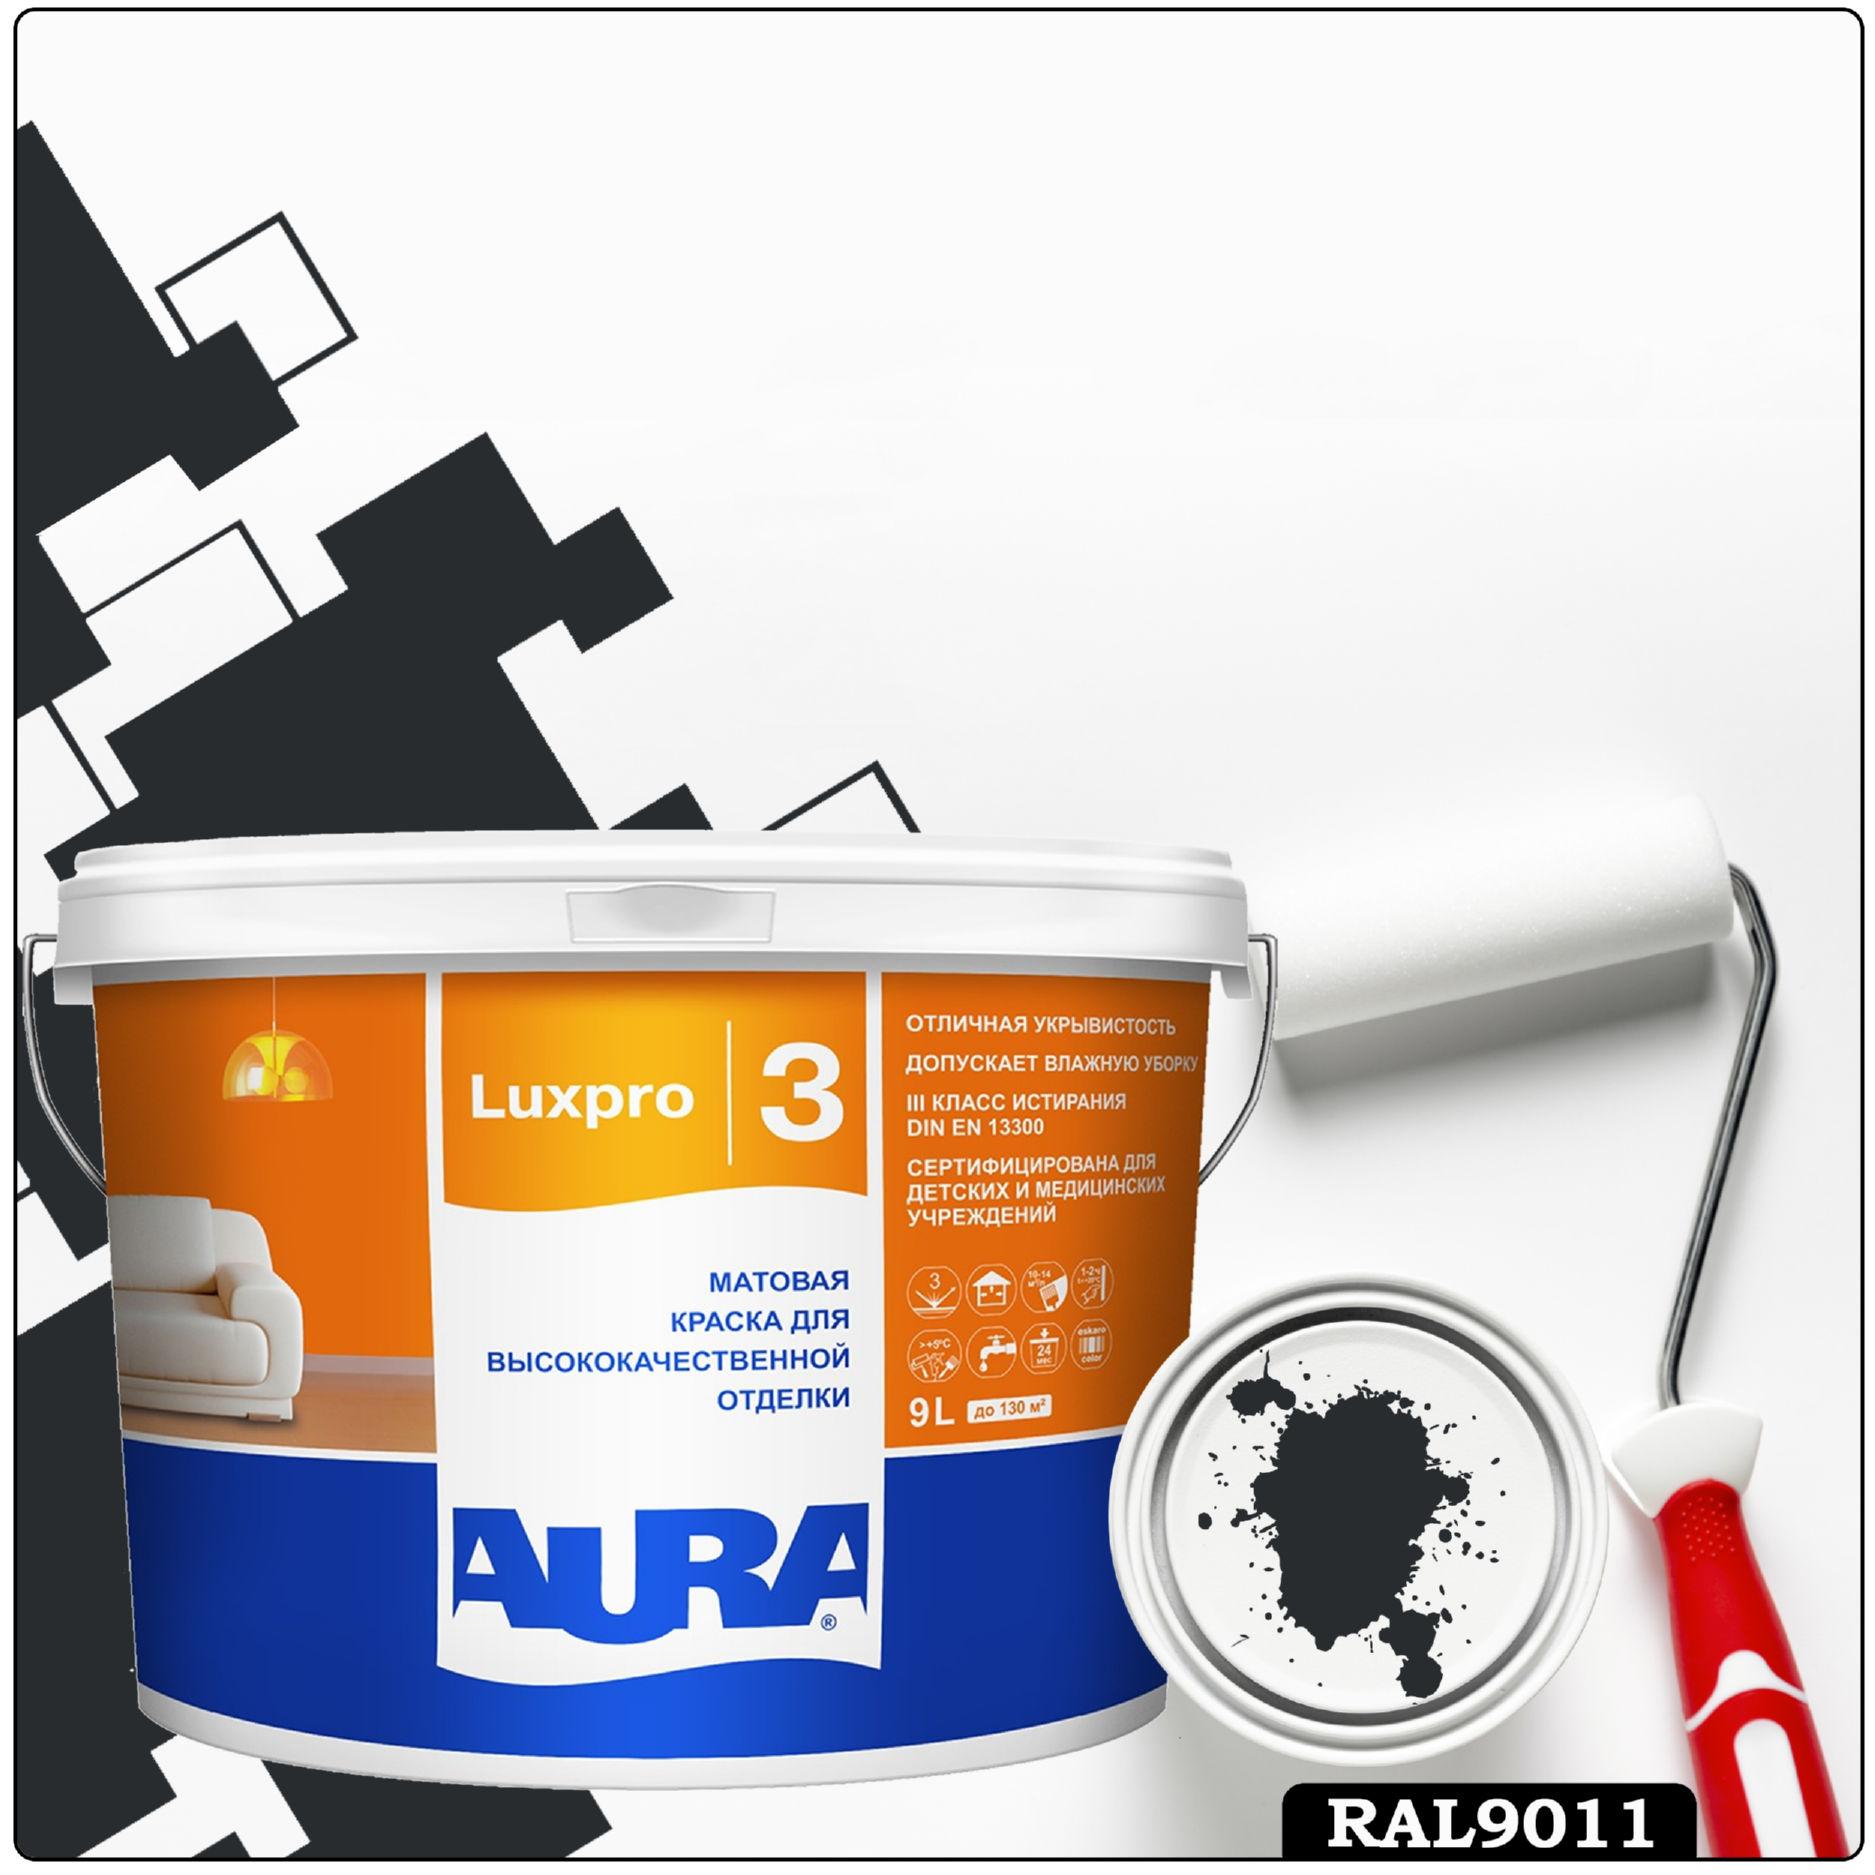 Фото 7 - Краска Aura LuxPRO 3, RAL 9011 Графитно-чёрный, латексная, шелково-матовая, интерьерная, 9л, Аура.